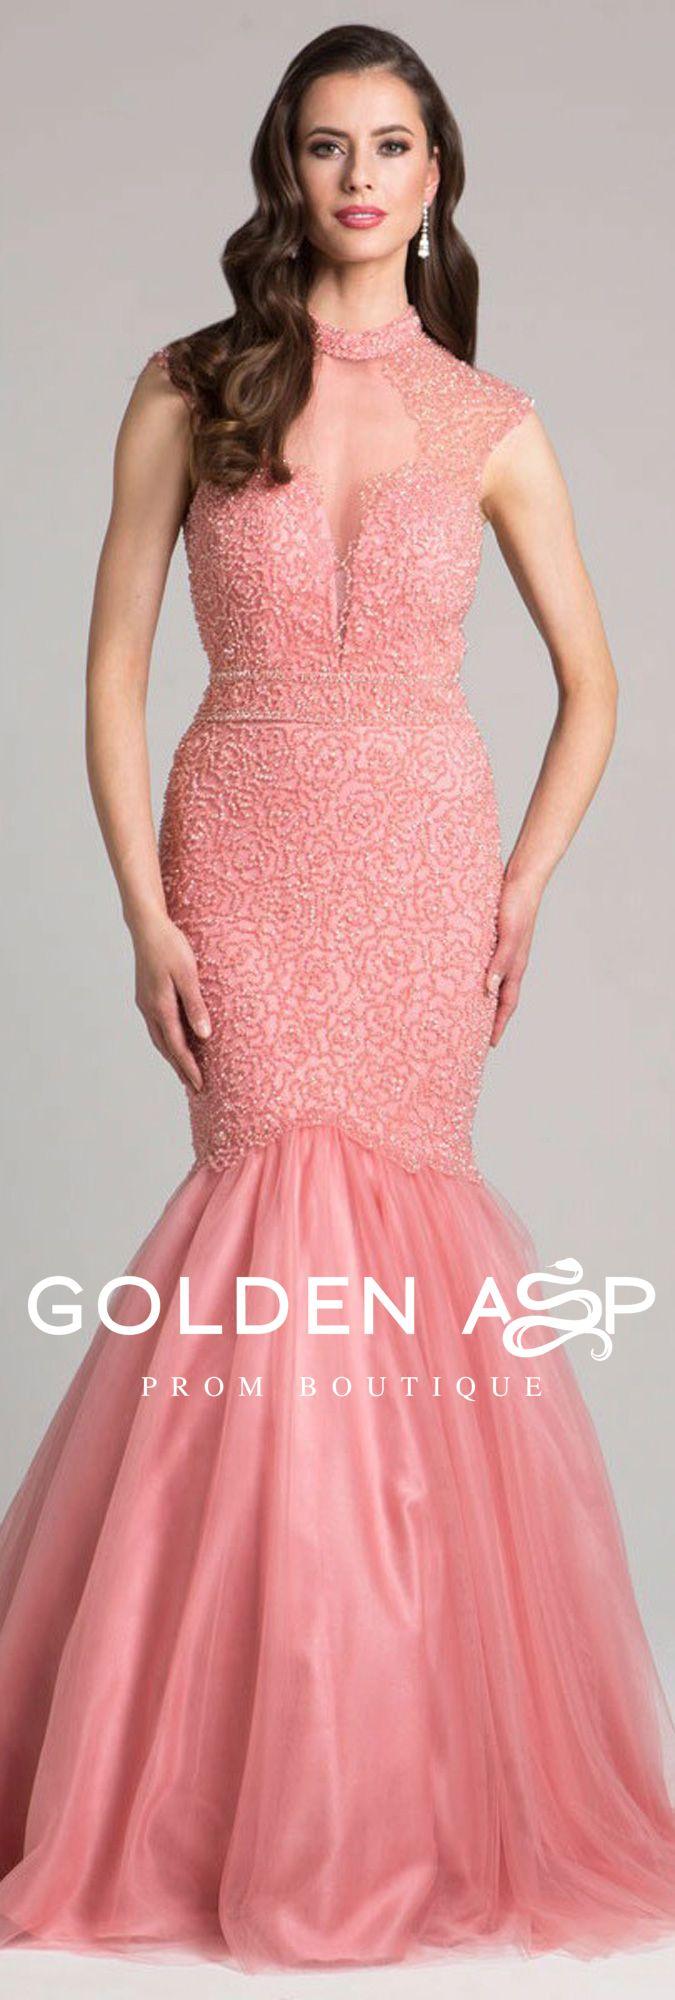 Mejores 36 imágenes de Prom Dresses 2018 en Pinterest | Lentejuelas ...